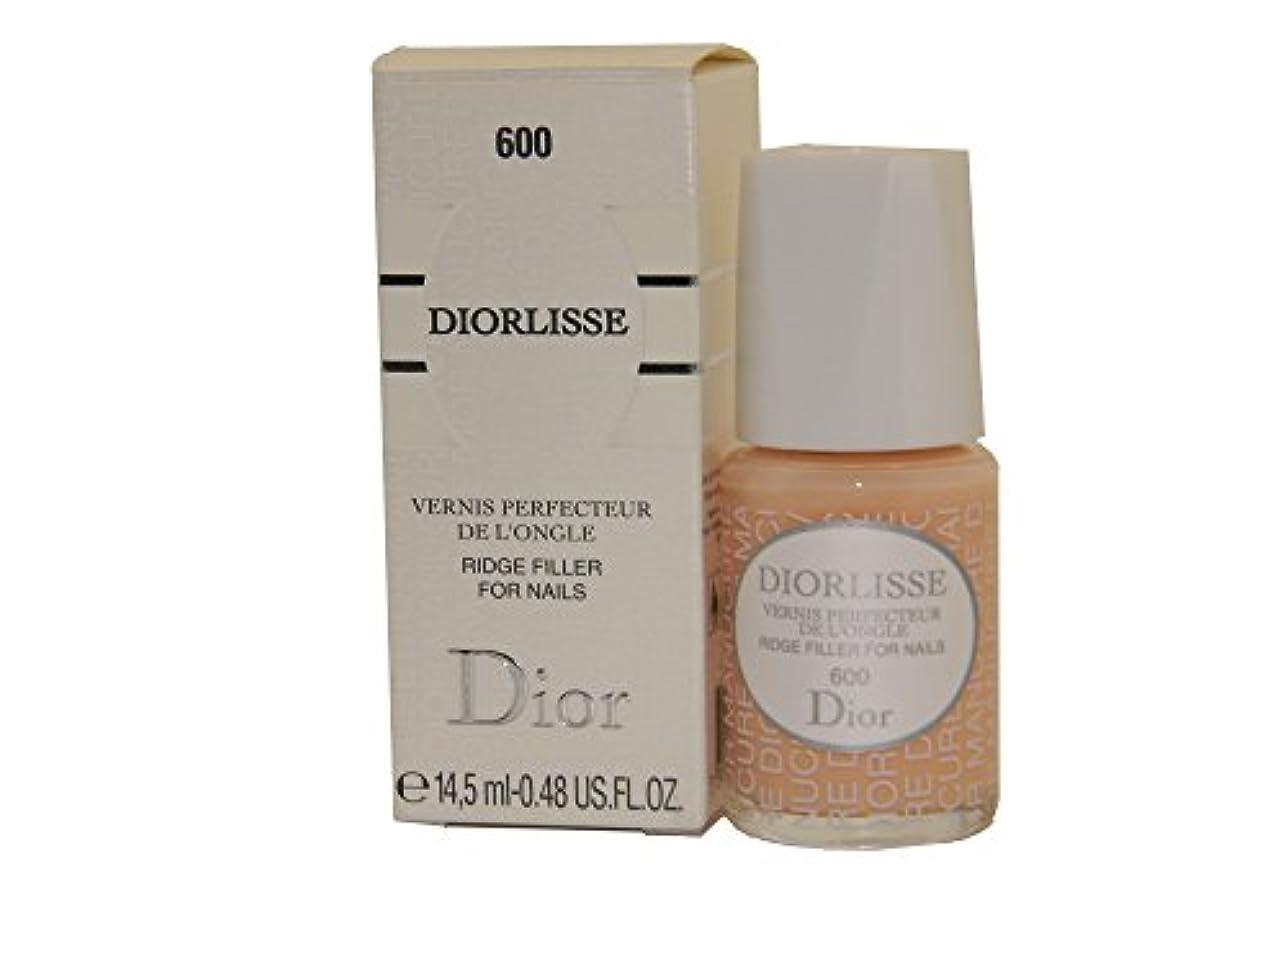 アンデス山脈バックグラウンド起きているDior Diorlisse Ridge Filler For Nail 600(ディオールリス リッジフィラー フォーネイル 600)[海外直送品] [並行輸入品]